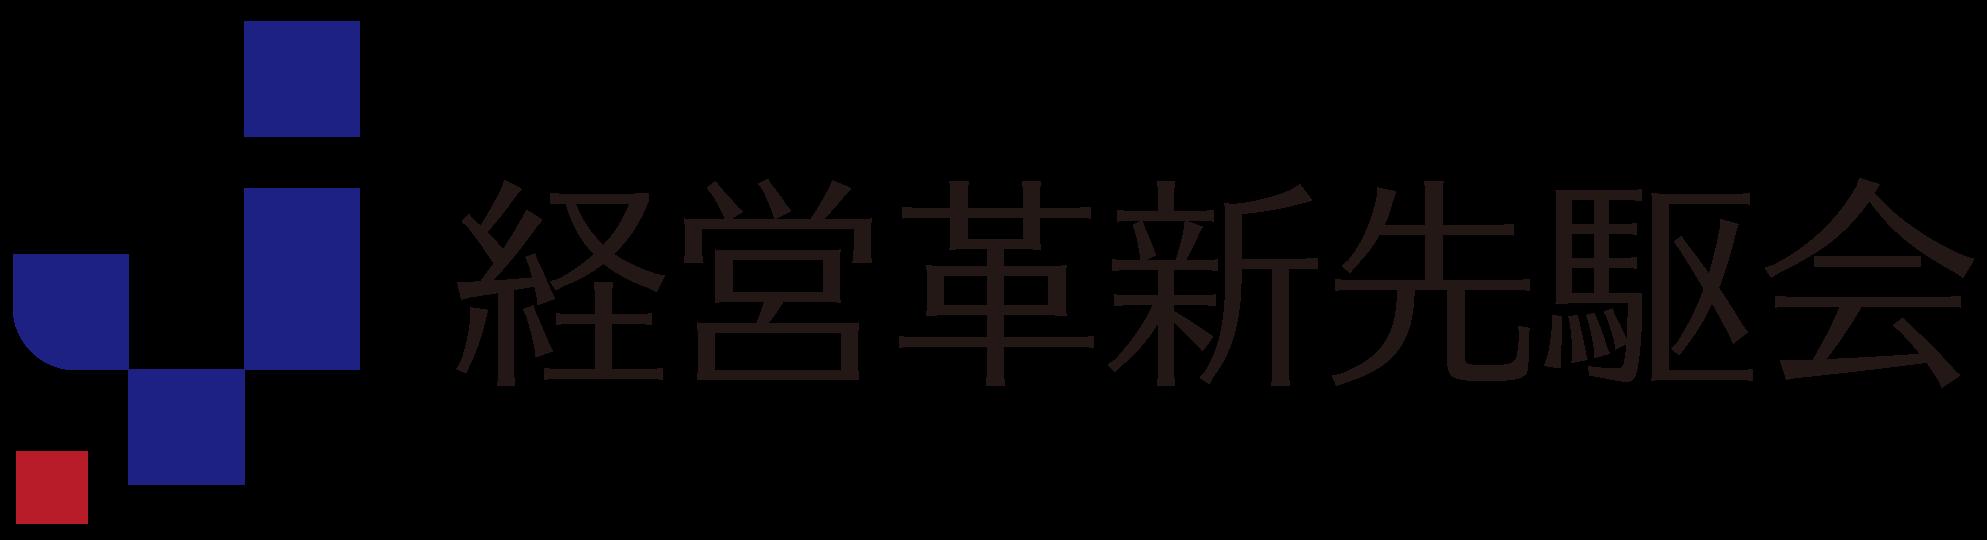 経営革新先駆会